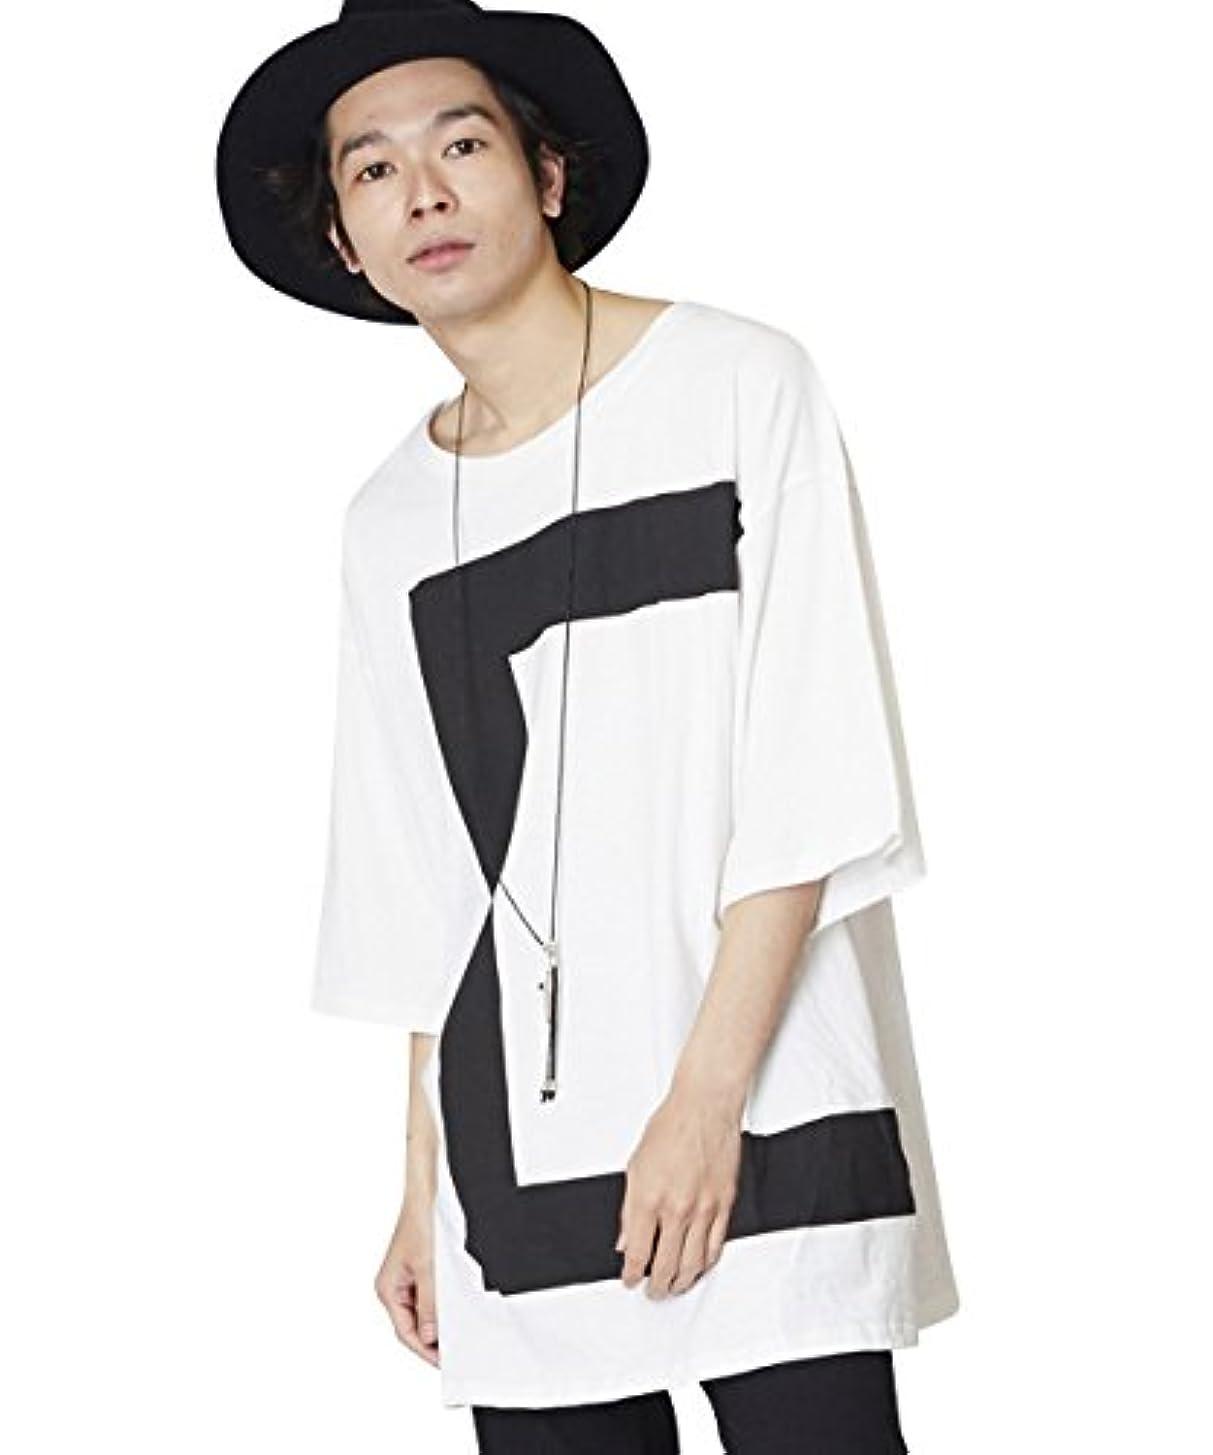 投票管理者肺(アンリラクシング) Unrelaxing オーバーサイズプリントTシャツ 幾何学Tシャツ UR-447 FREE ホワイト UR-447_WH01F001